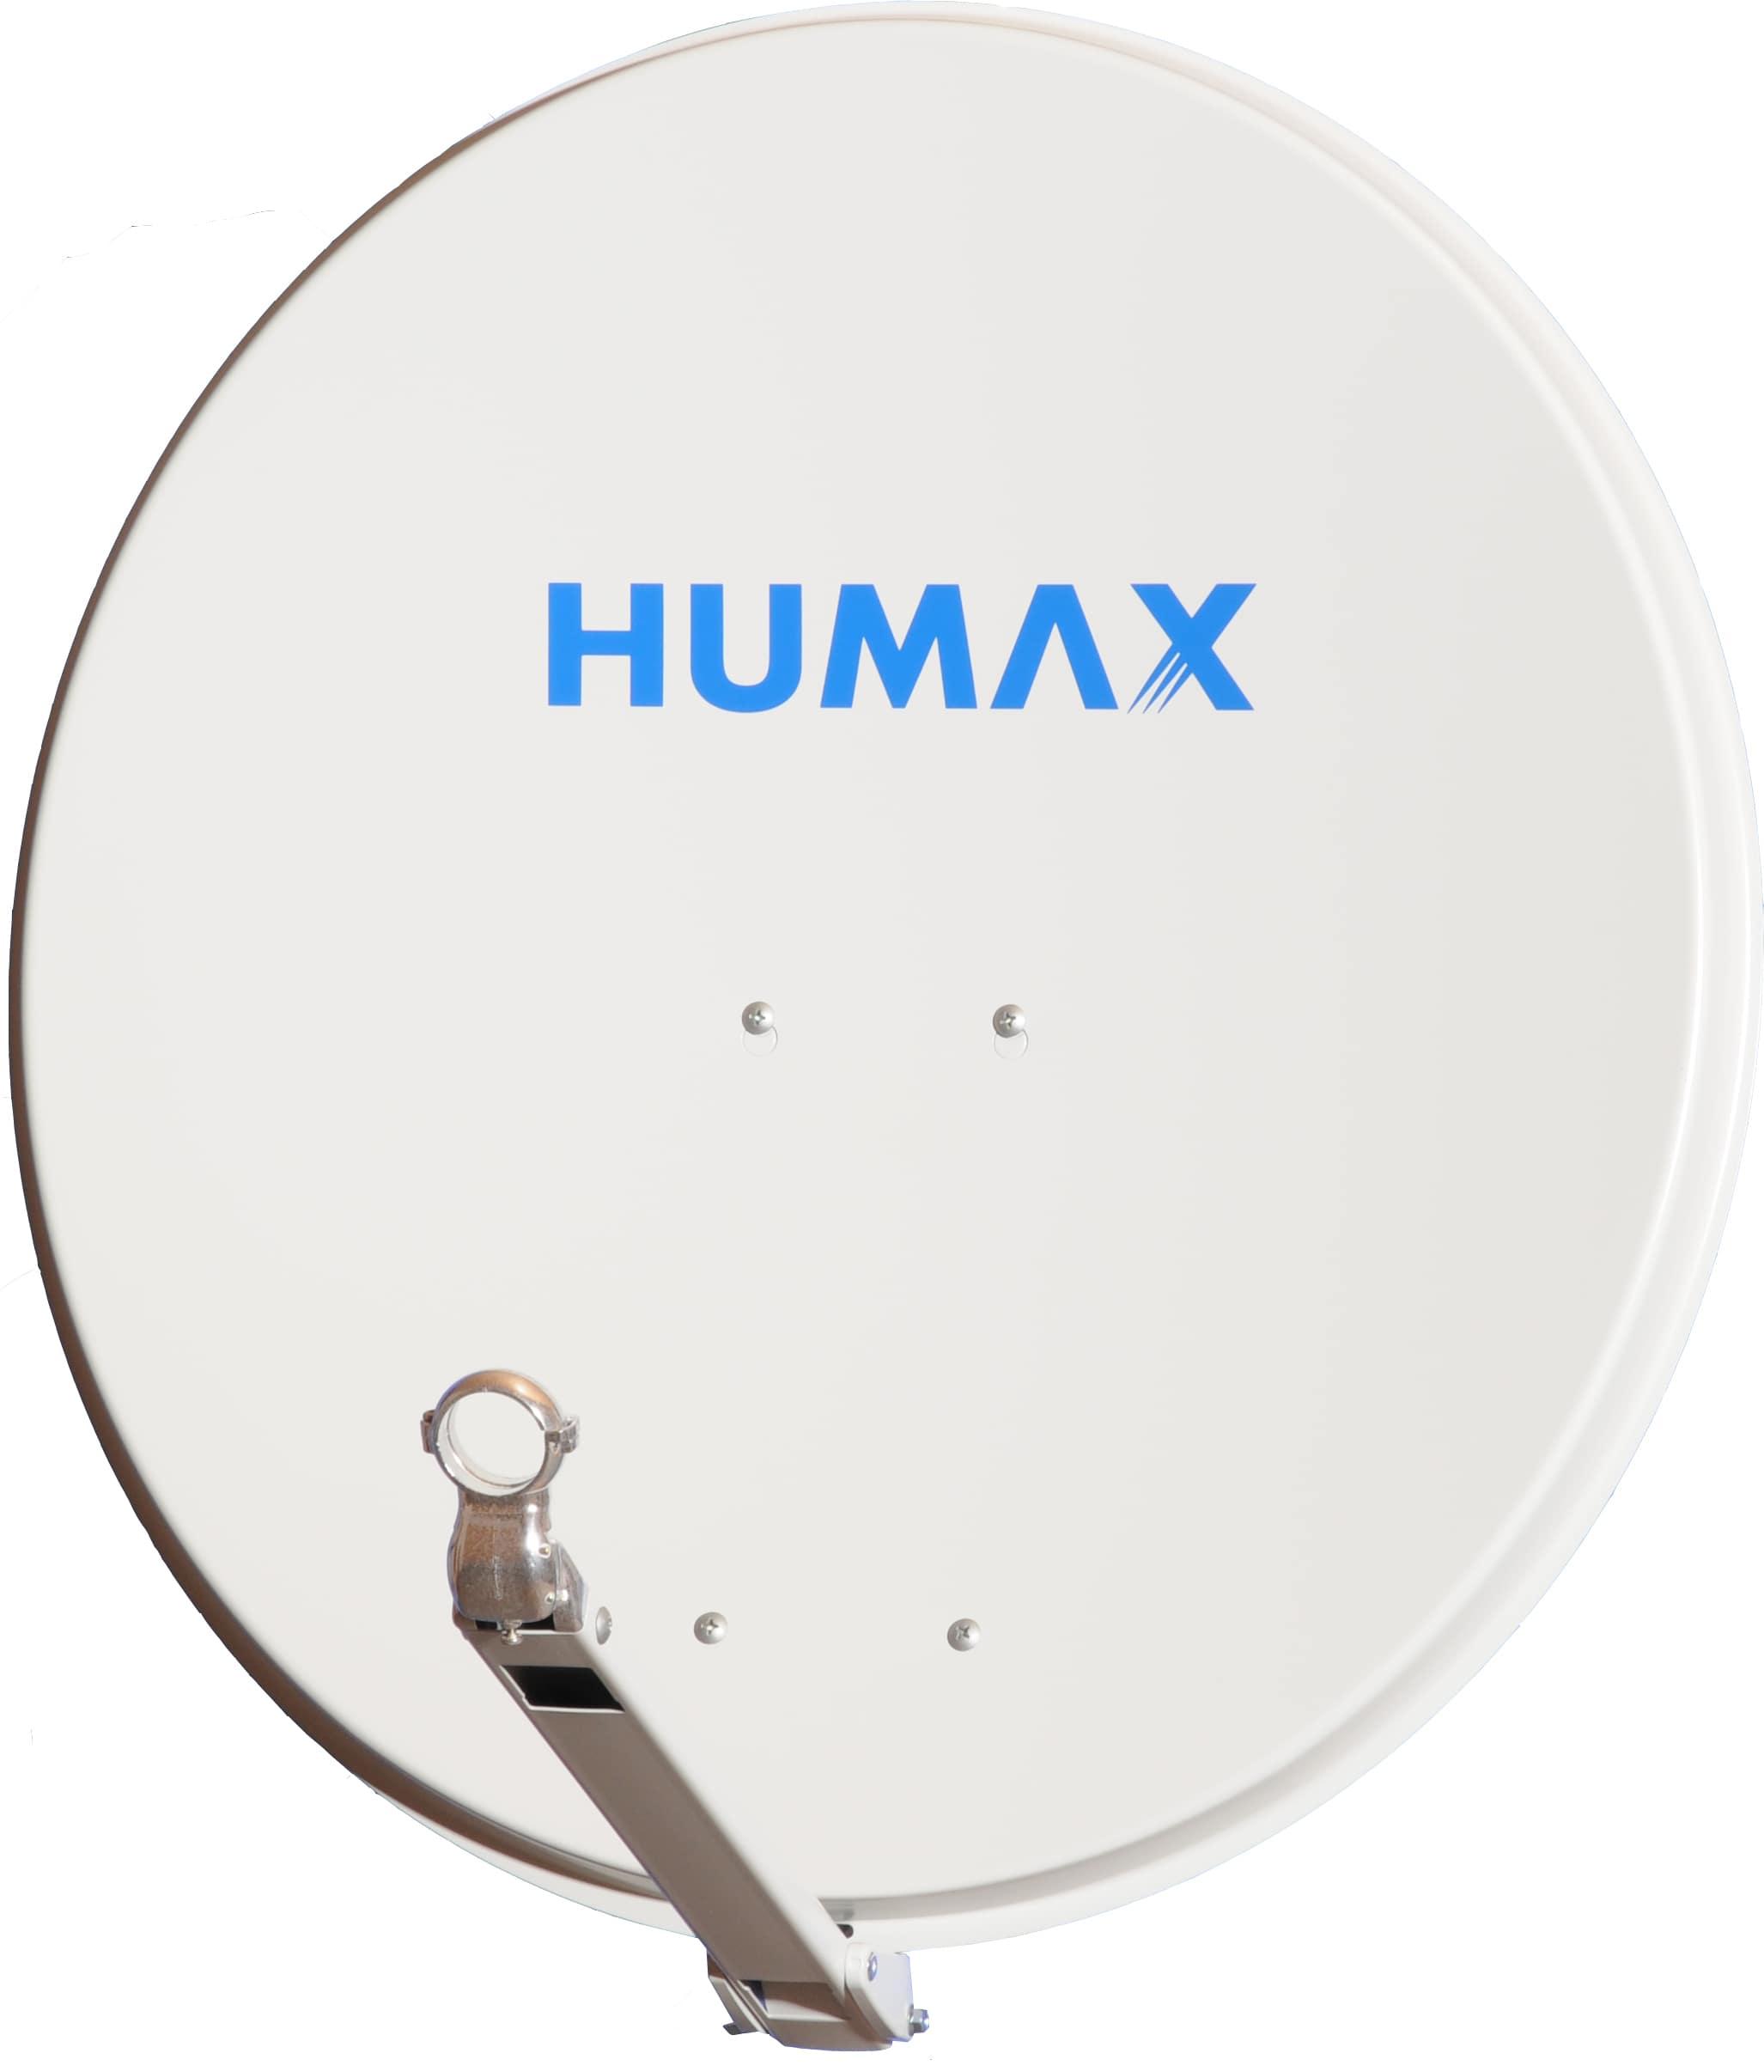 Humax E0791 für 129,90 Euro